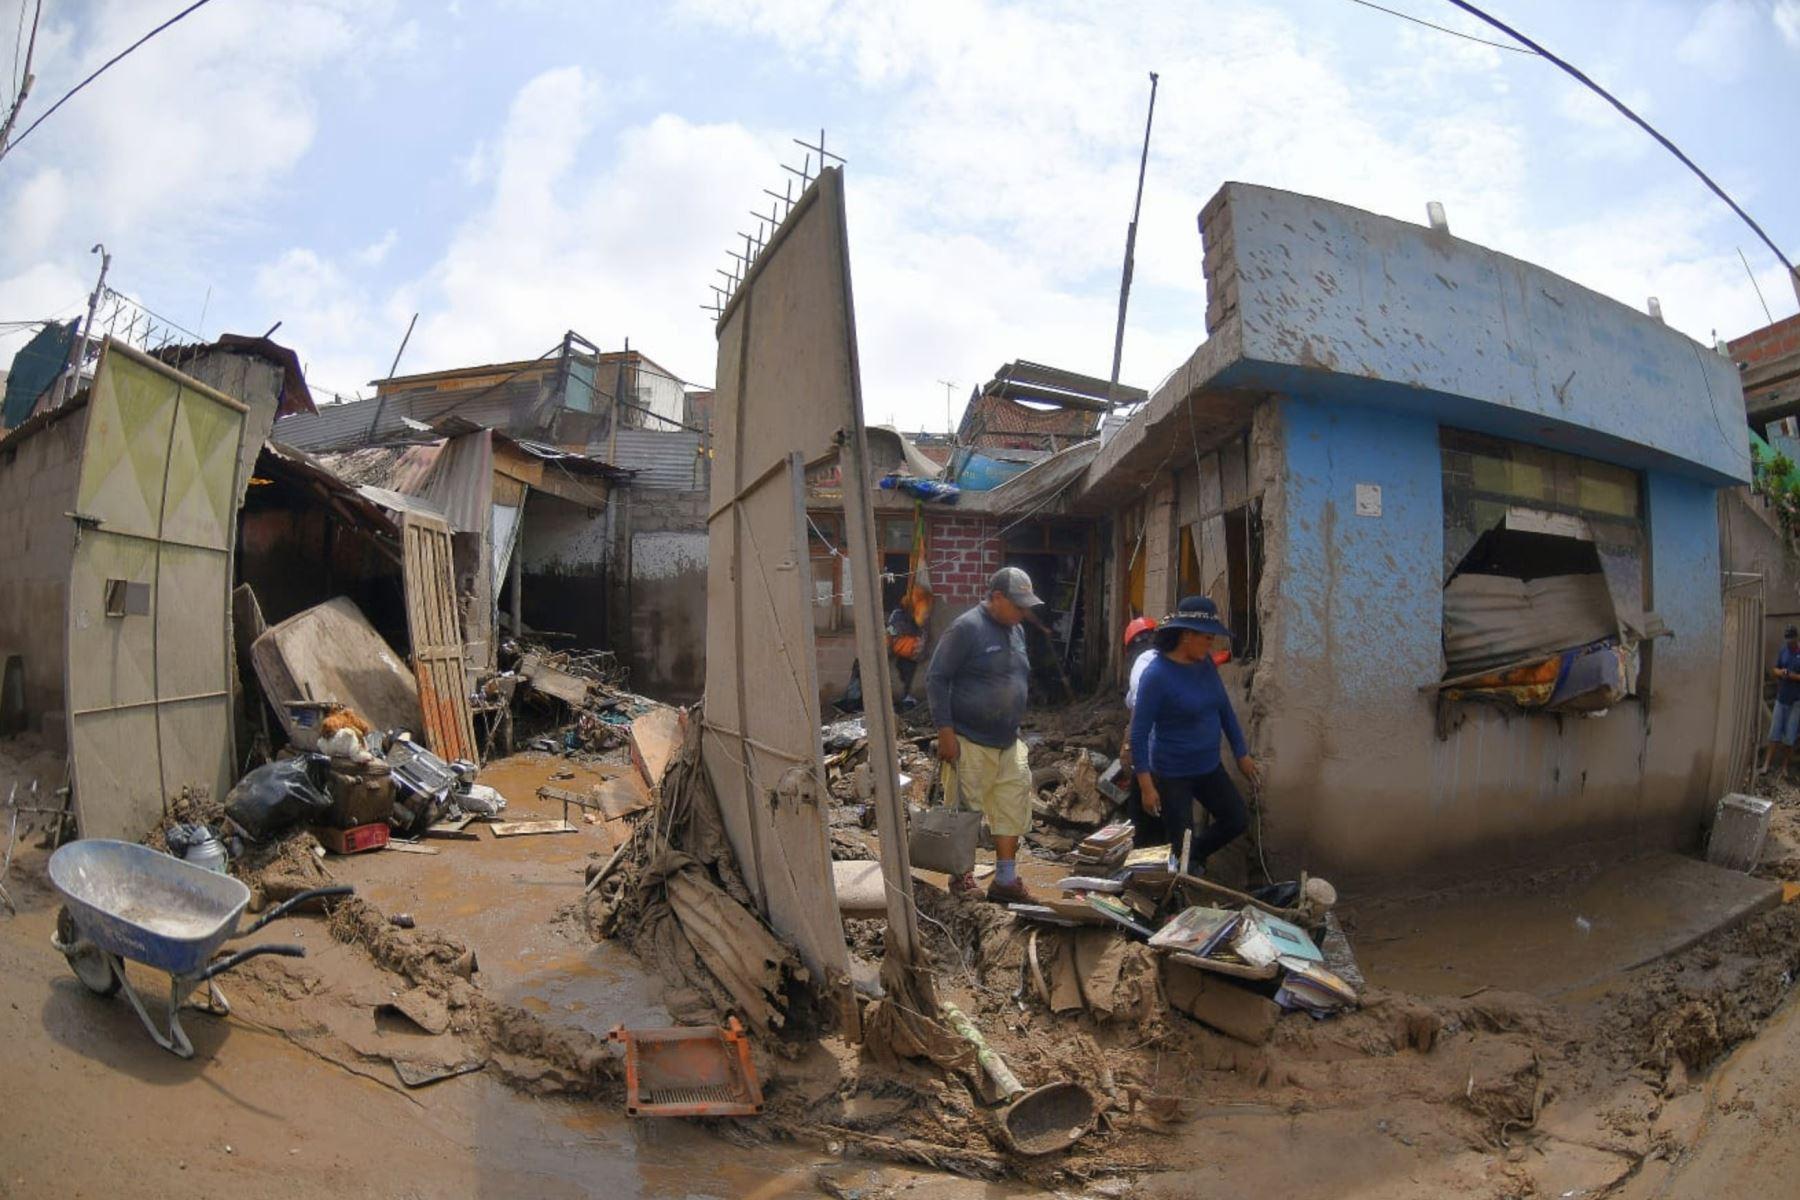 Imágenes impactantes de la región Tacna, luego de los huaycos que inundó calles de la ciudad. Foto : Cortesía /Diego Ramos Lupo